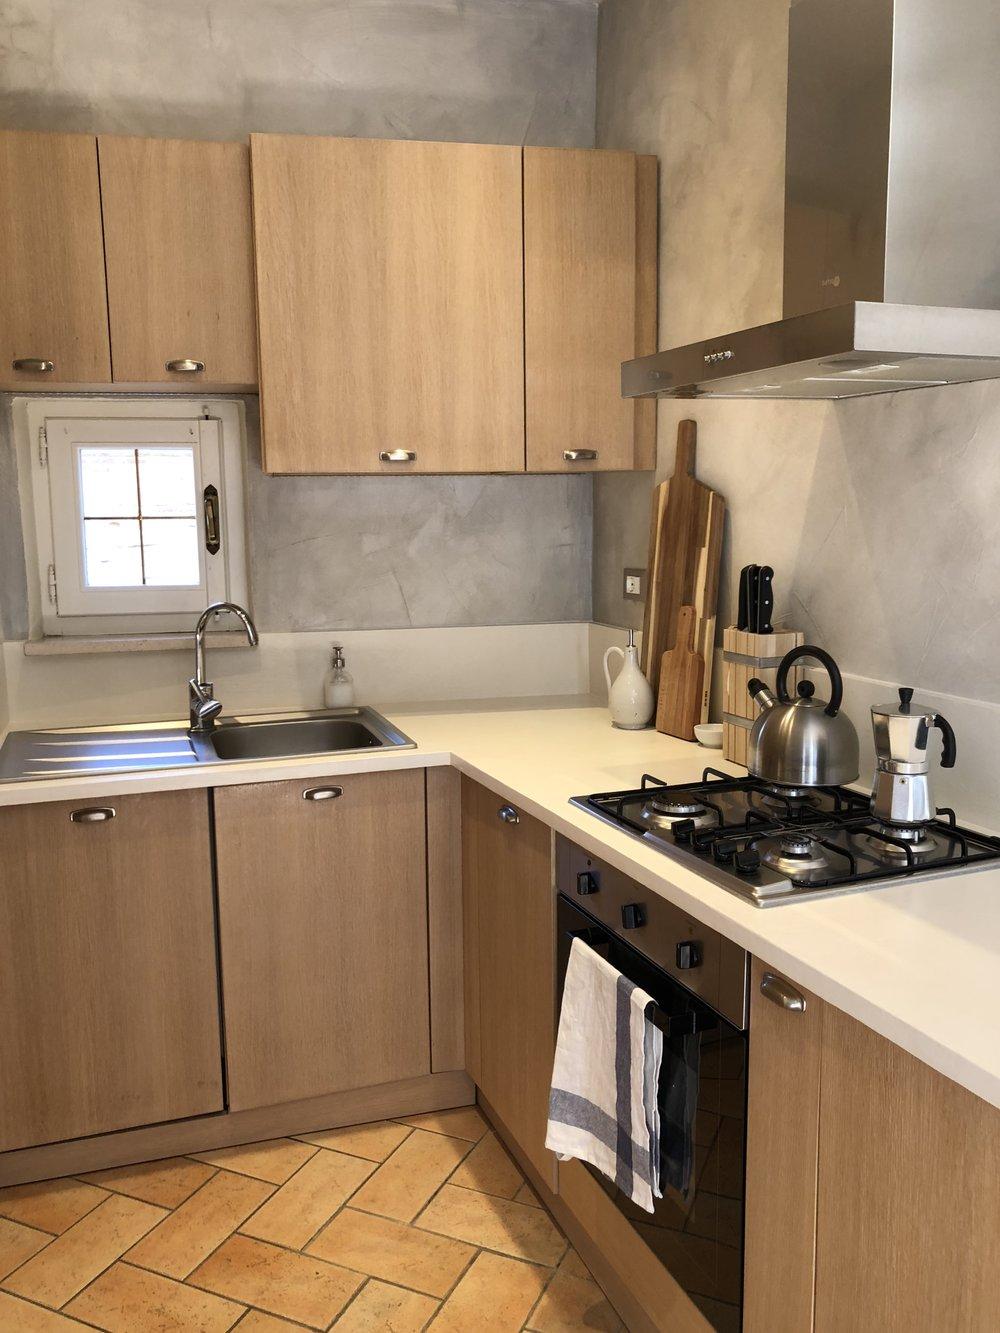 Kitchen: dishwasher, oven, stove